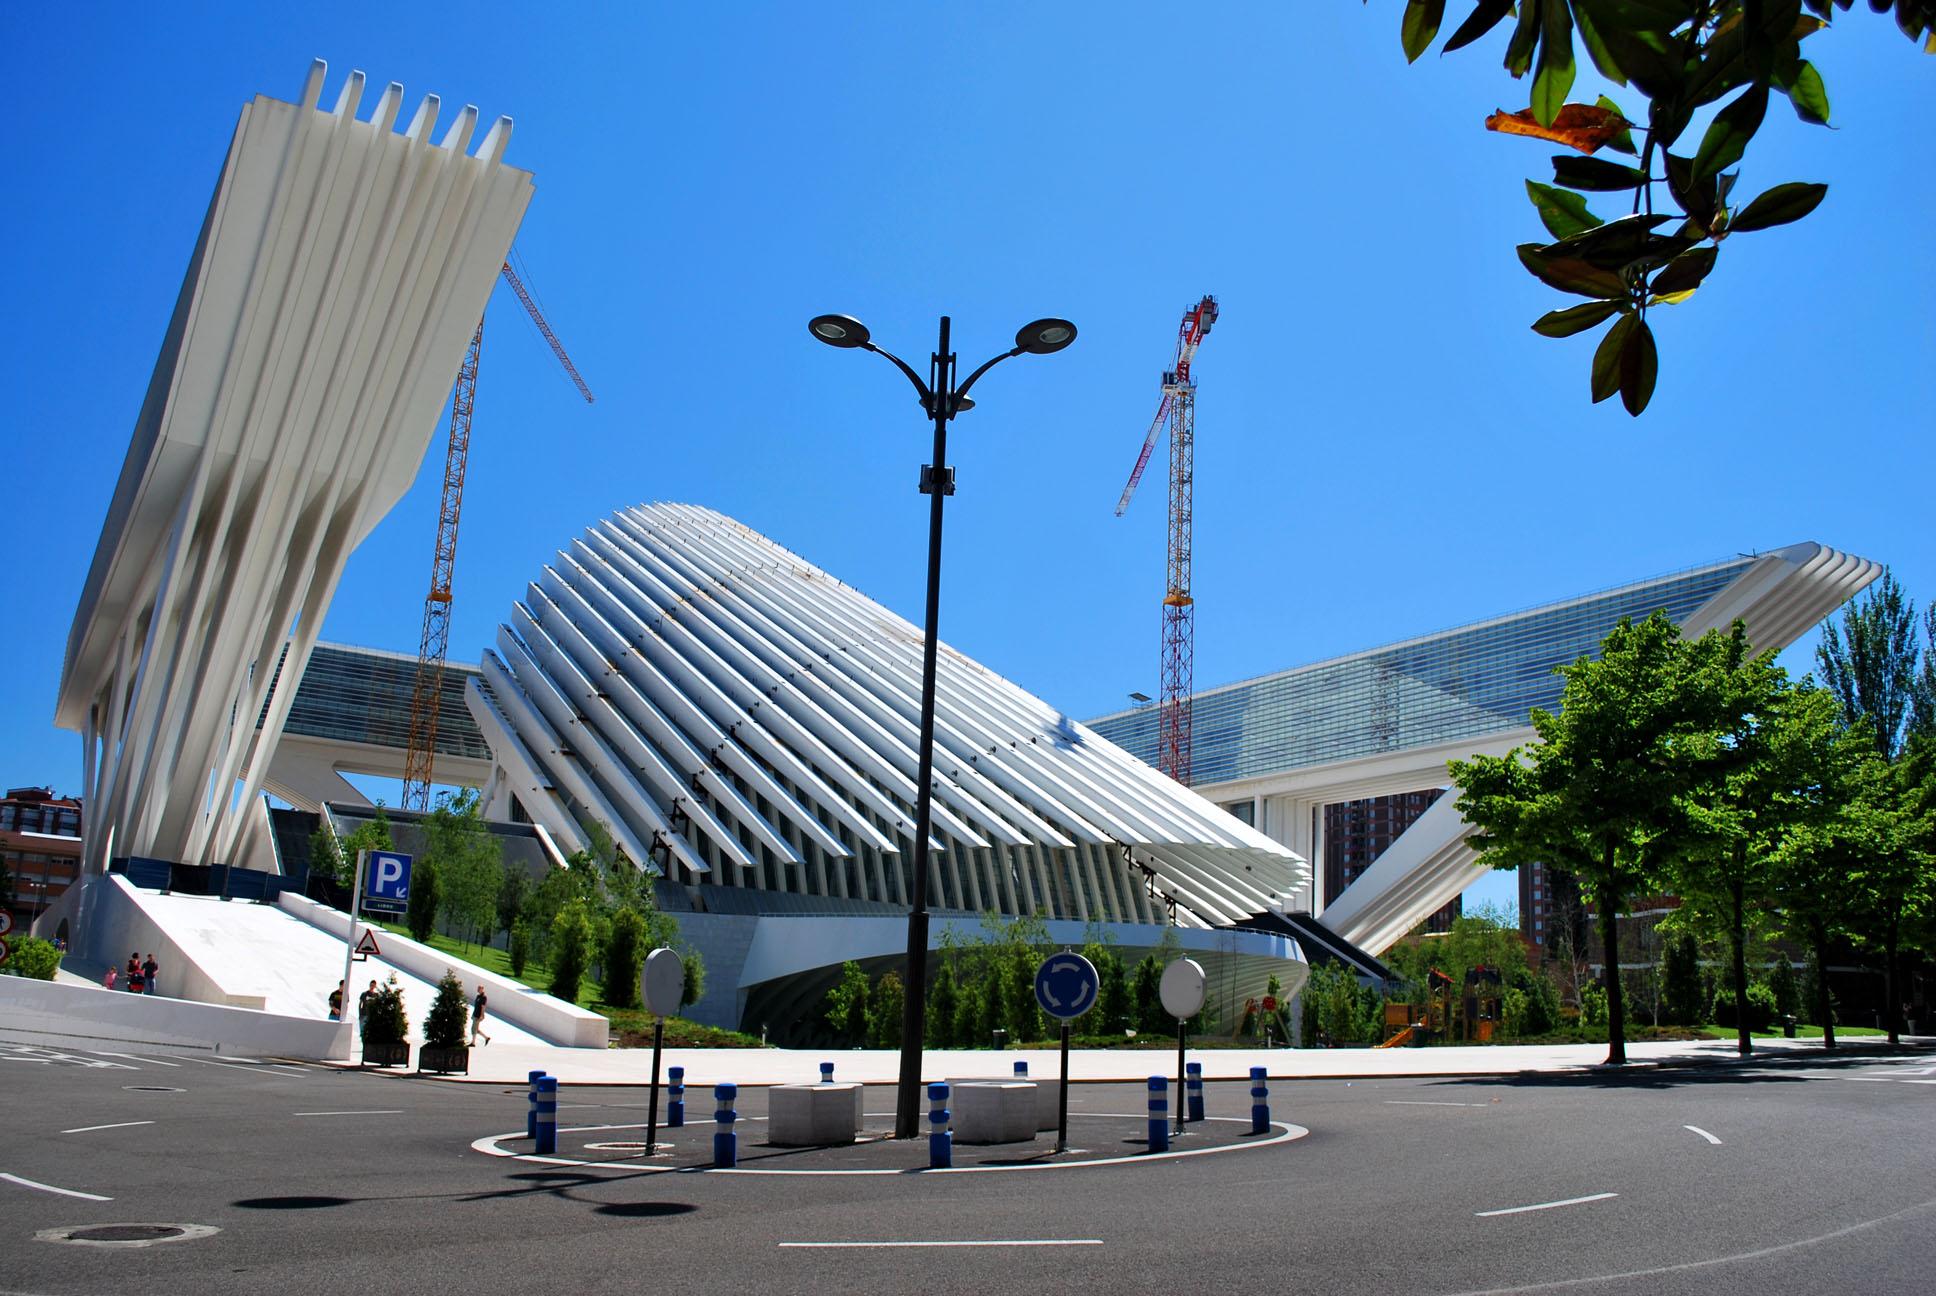 Palacio de Congresos Princesa Letizia, Oviedo - Garcu00eda